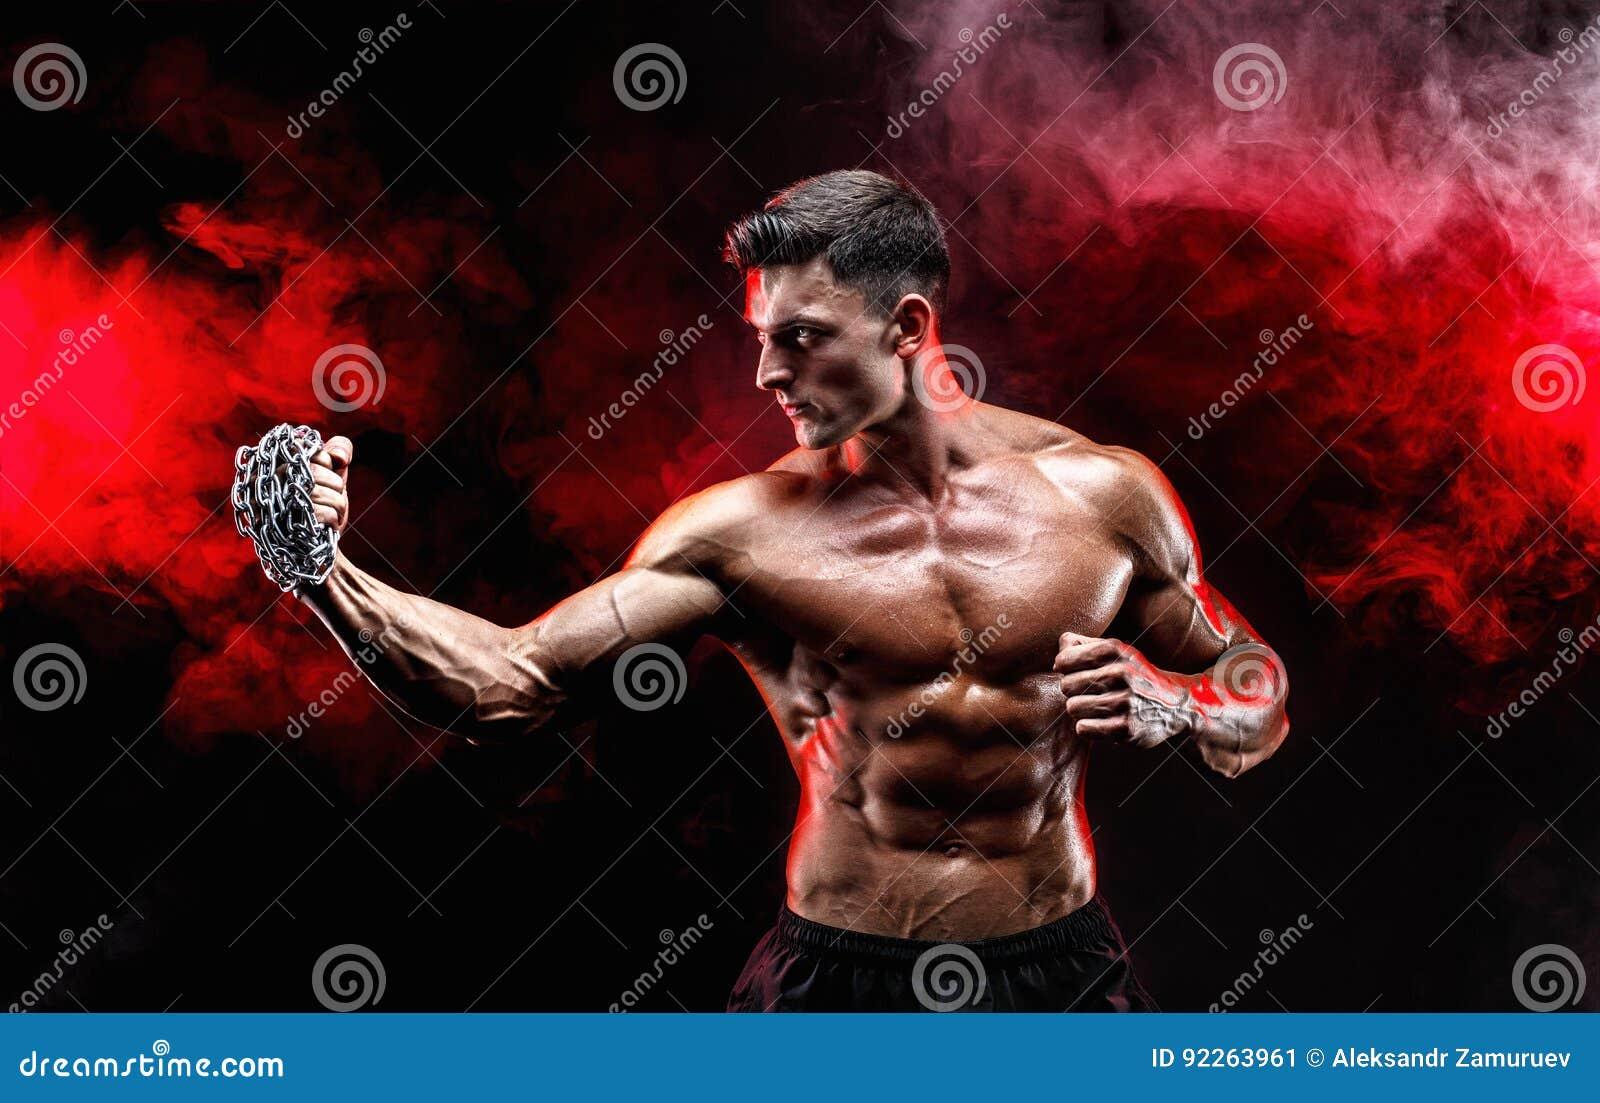 Combattant musculaire sérieux faisant le poinçon avec les chaînes tressées au-dessus de son poing